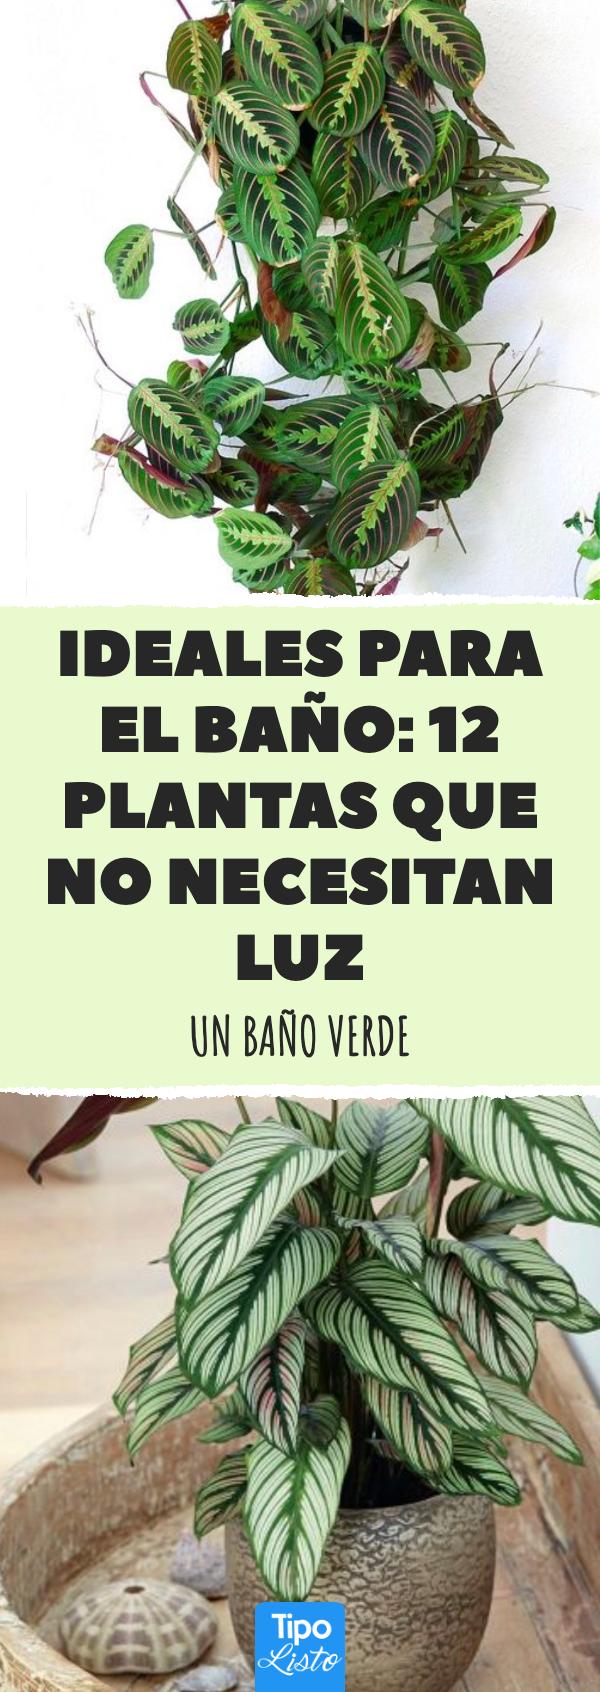 Ideales para el baño: 12 plantas que no necesitan luz # ...